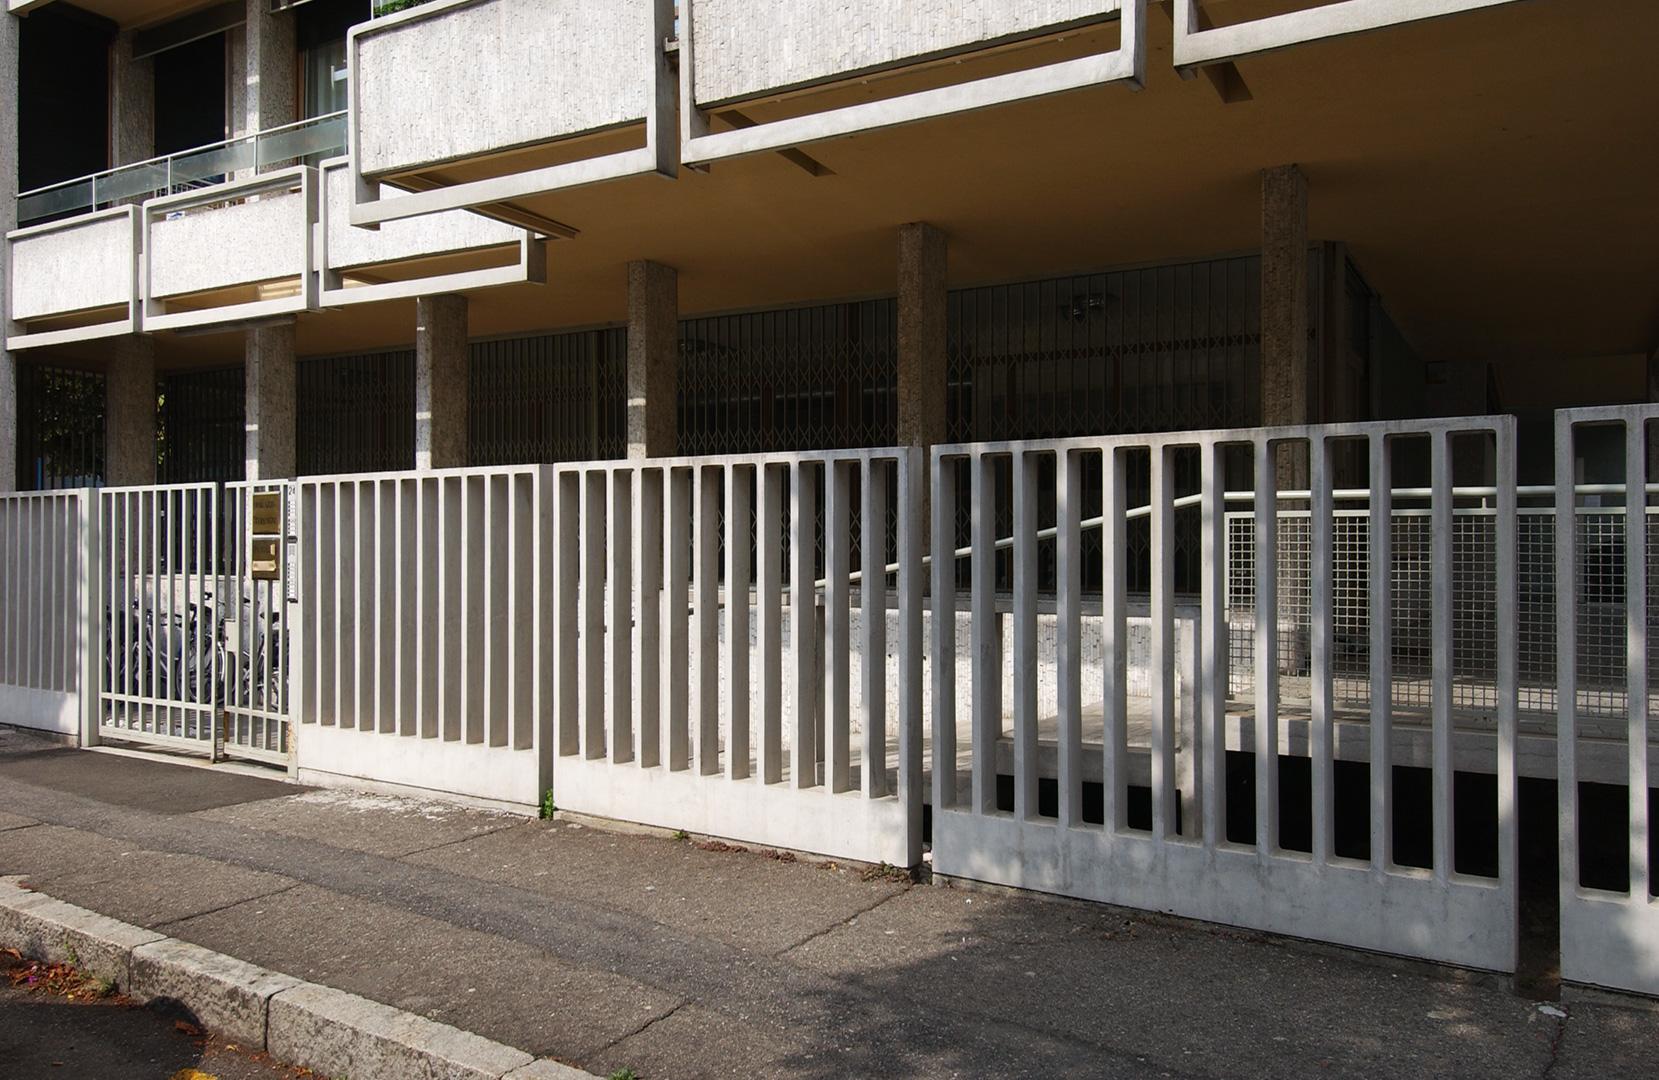 casa-giuliani-frigerio_07_DSC_4204